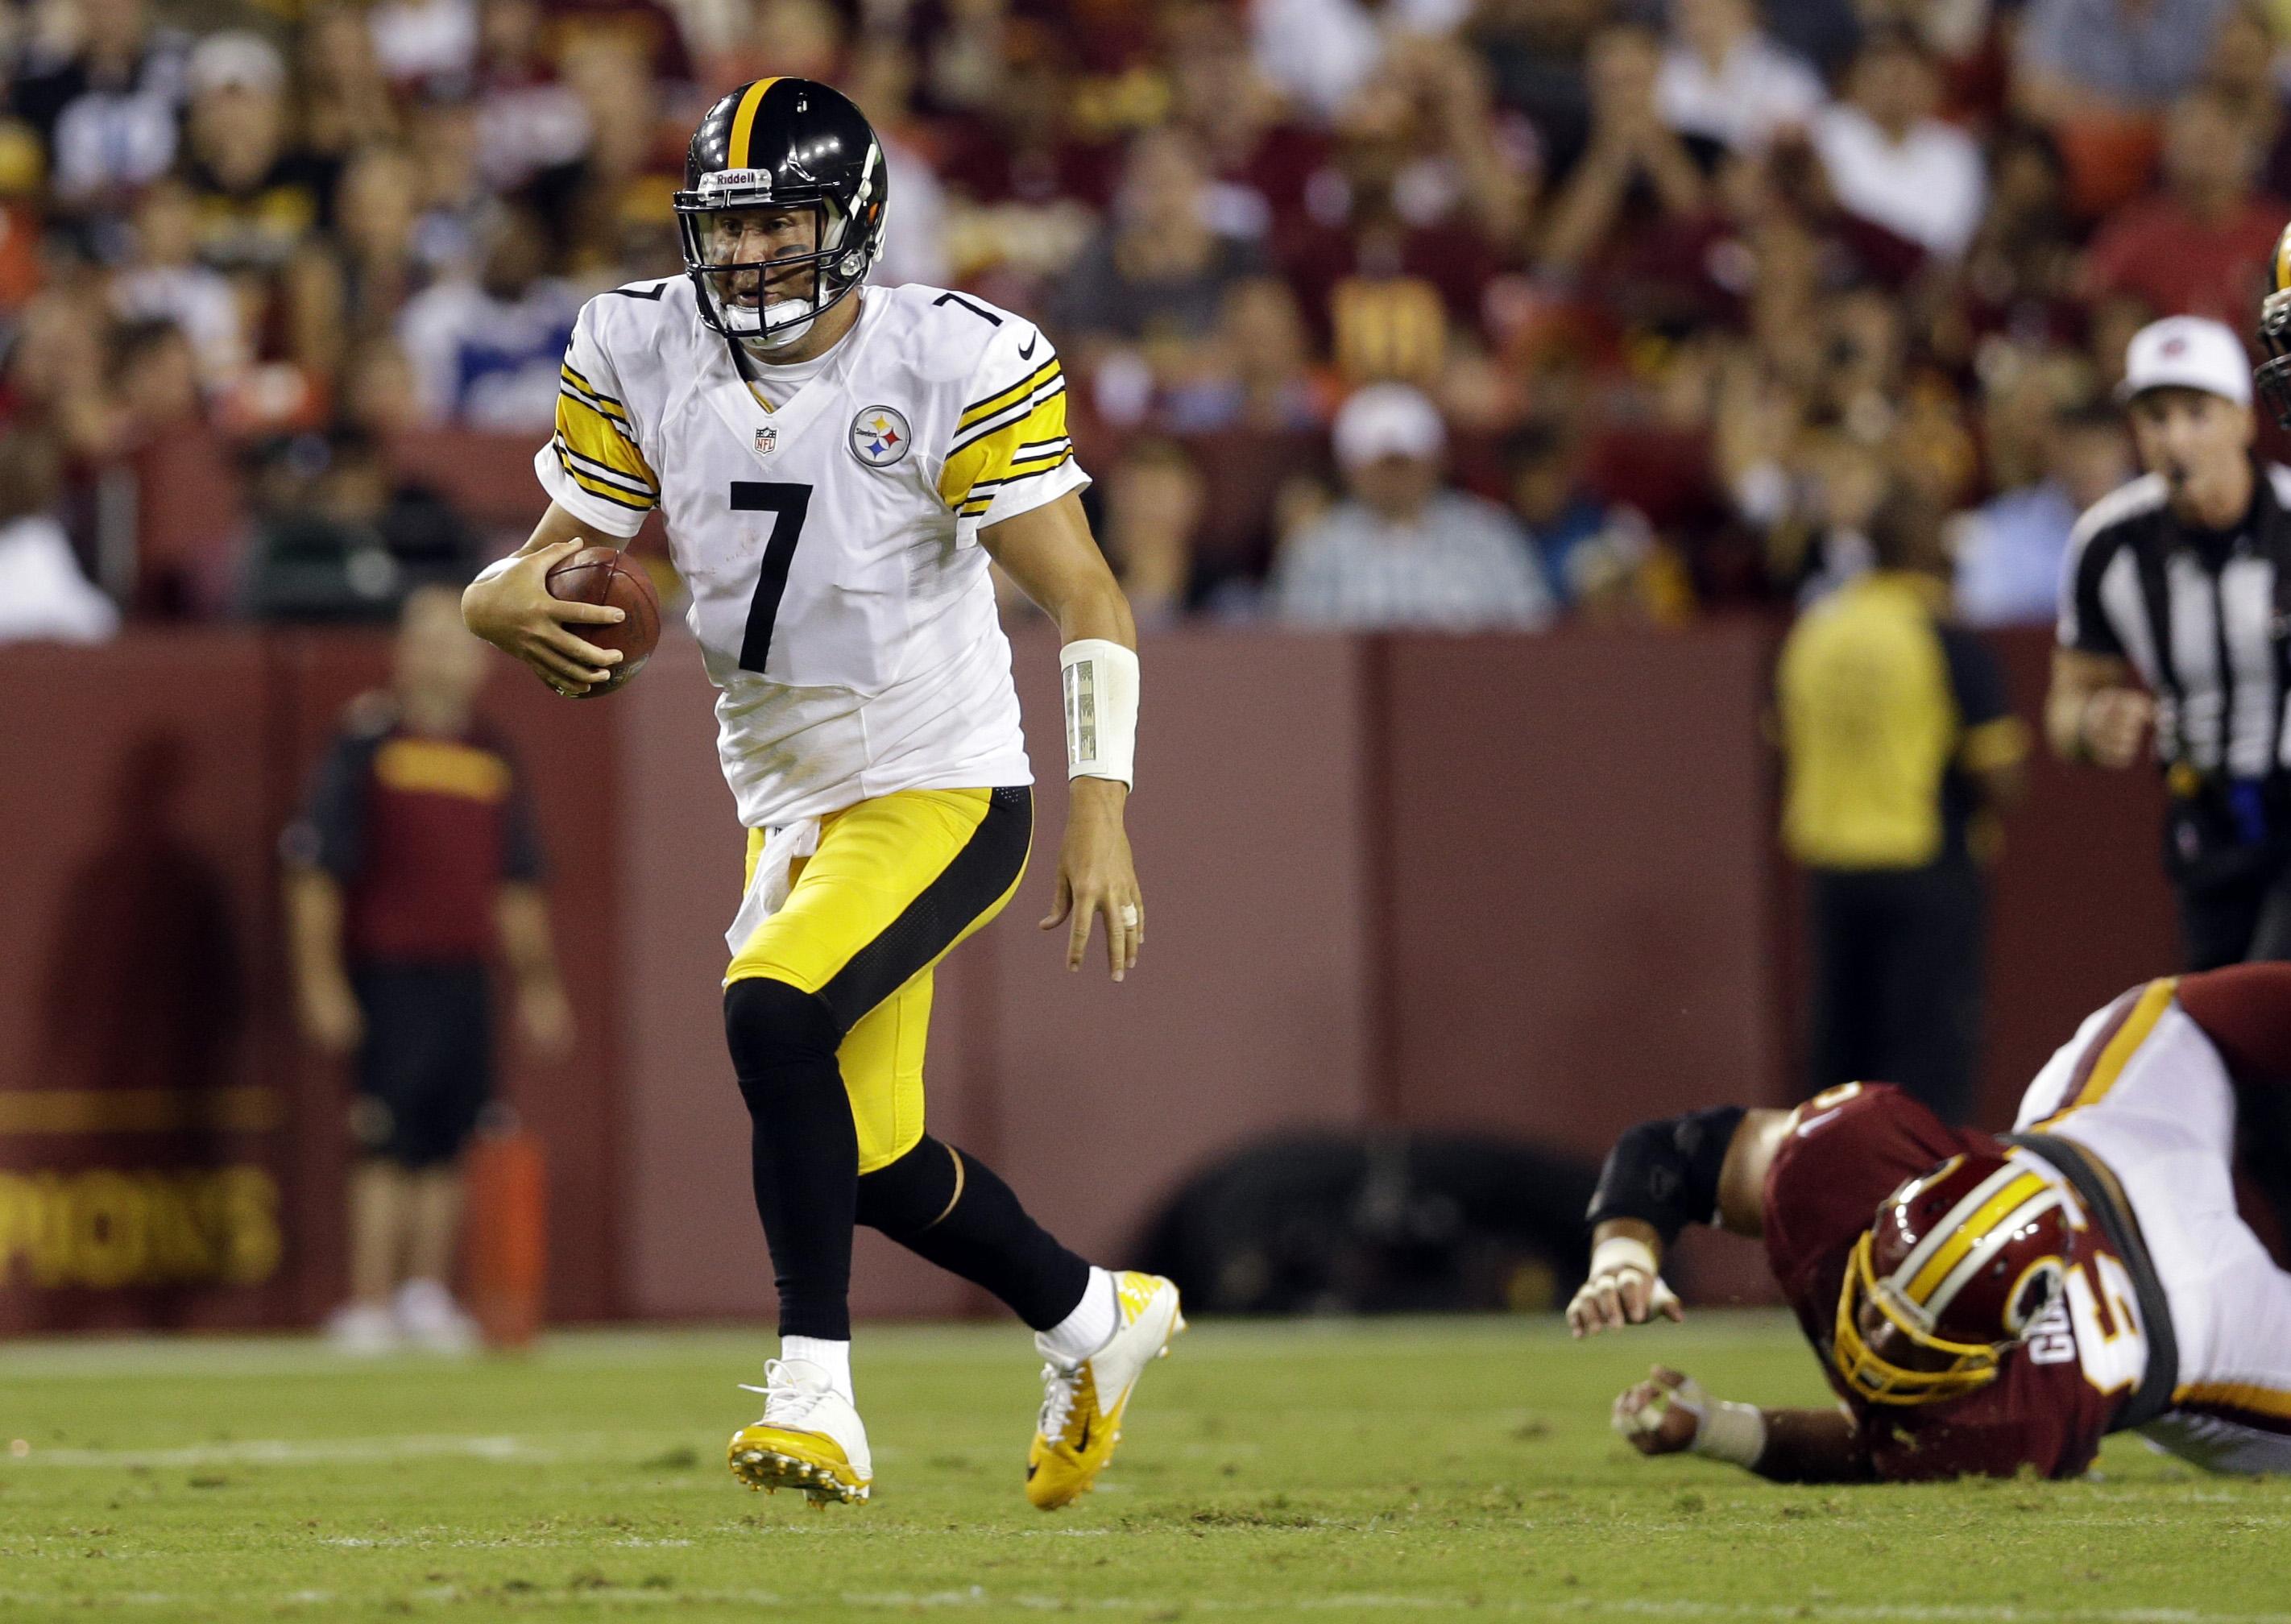 RG3's backup hurt; Redskins top Steelers 24-13